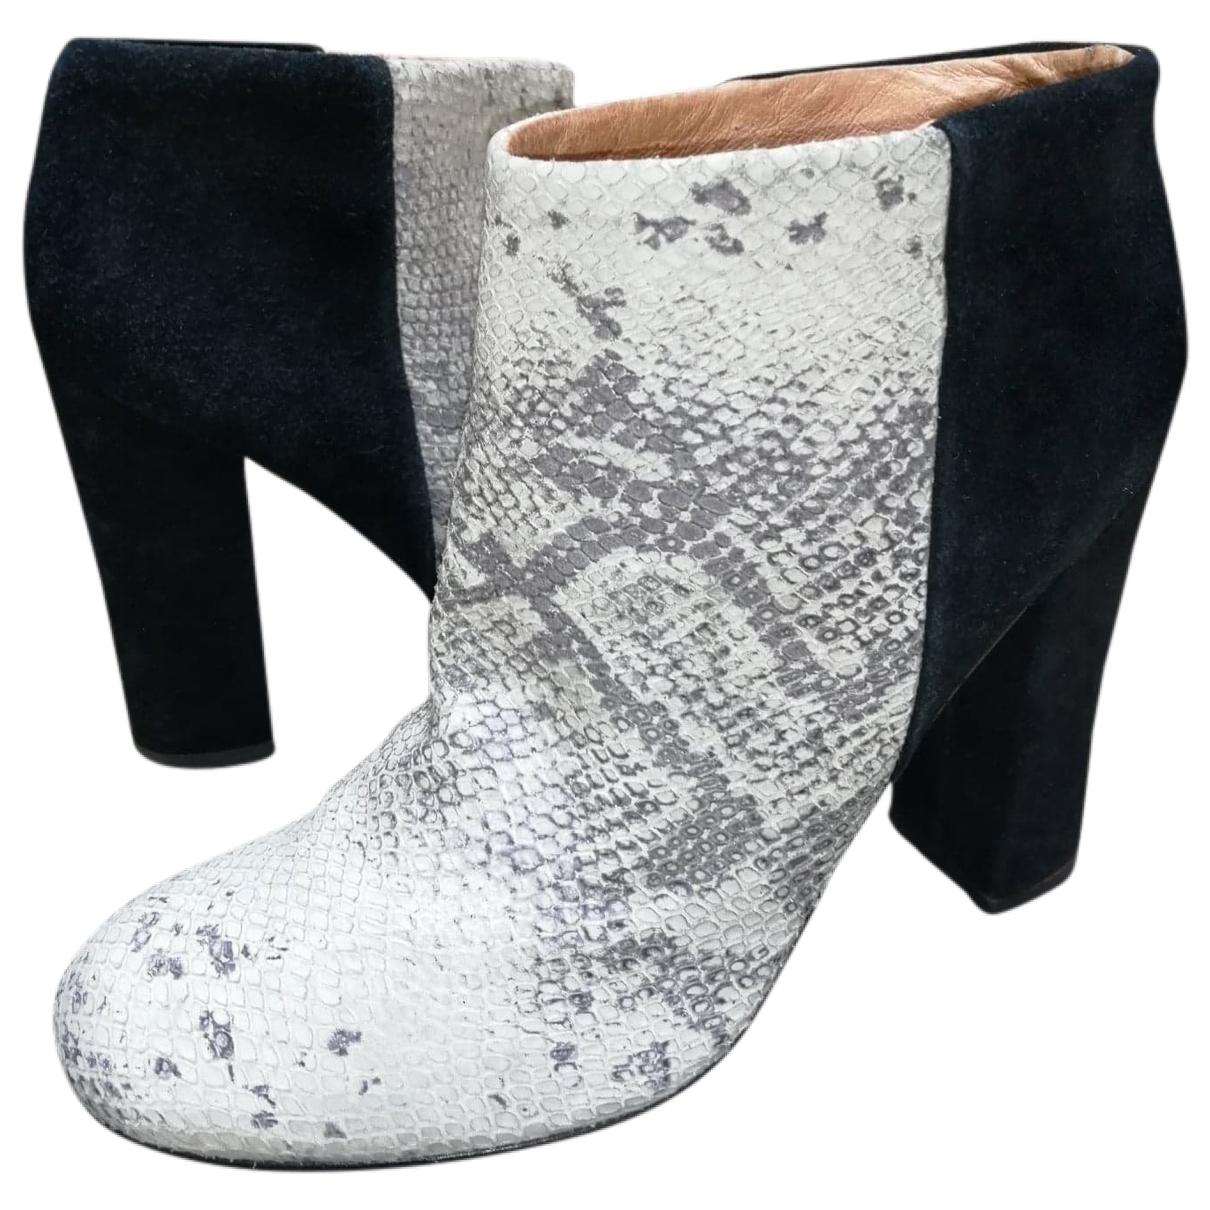 Joie - Boots   pour femme en cuir - noir